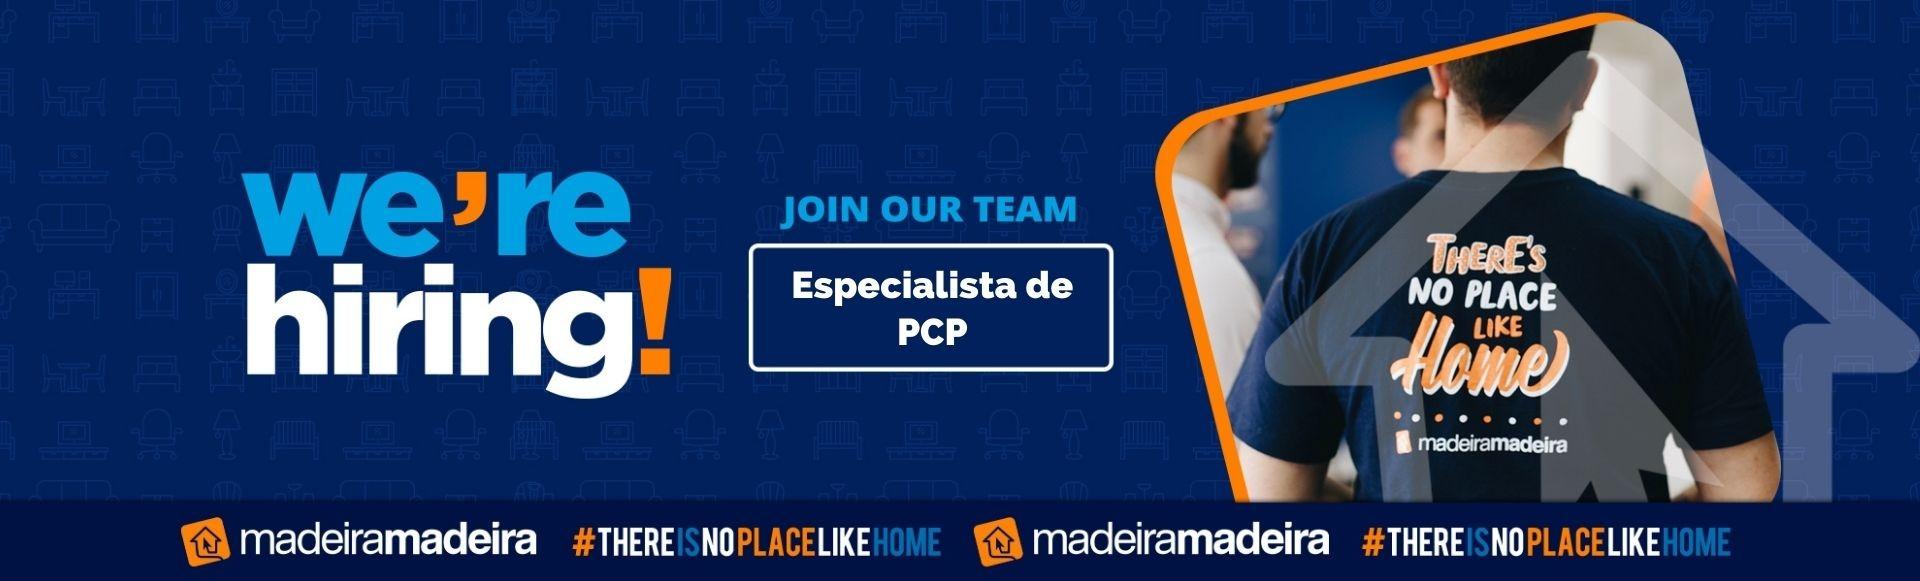 Especialista de PCP